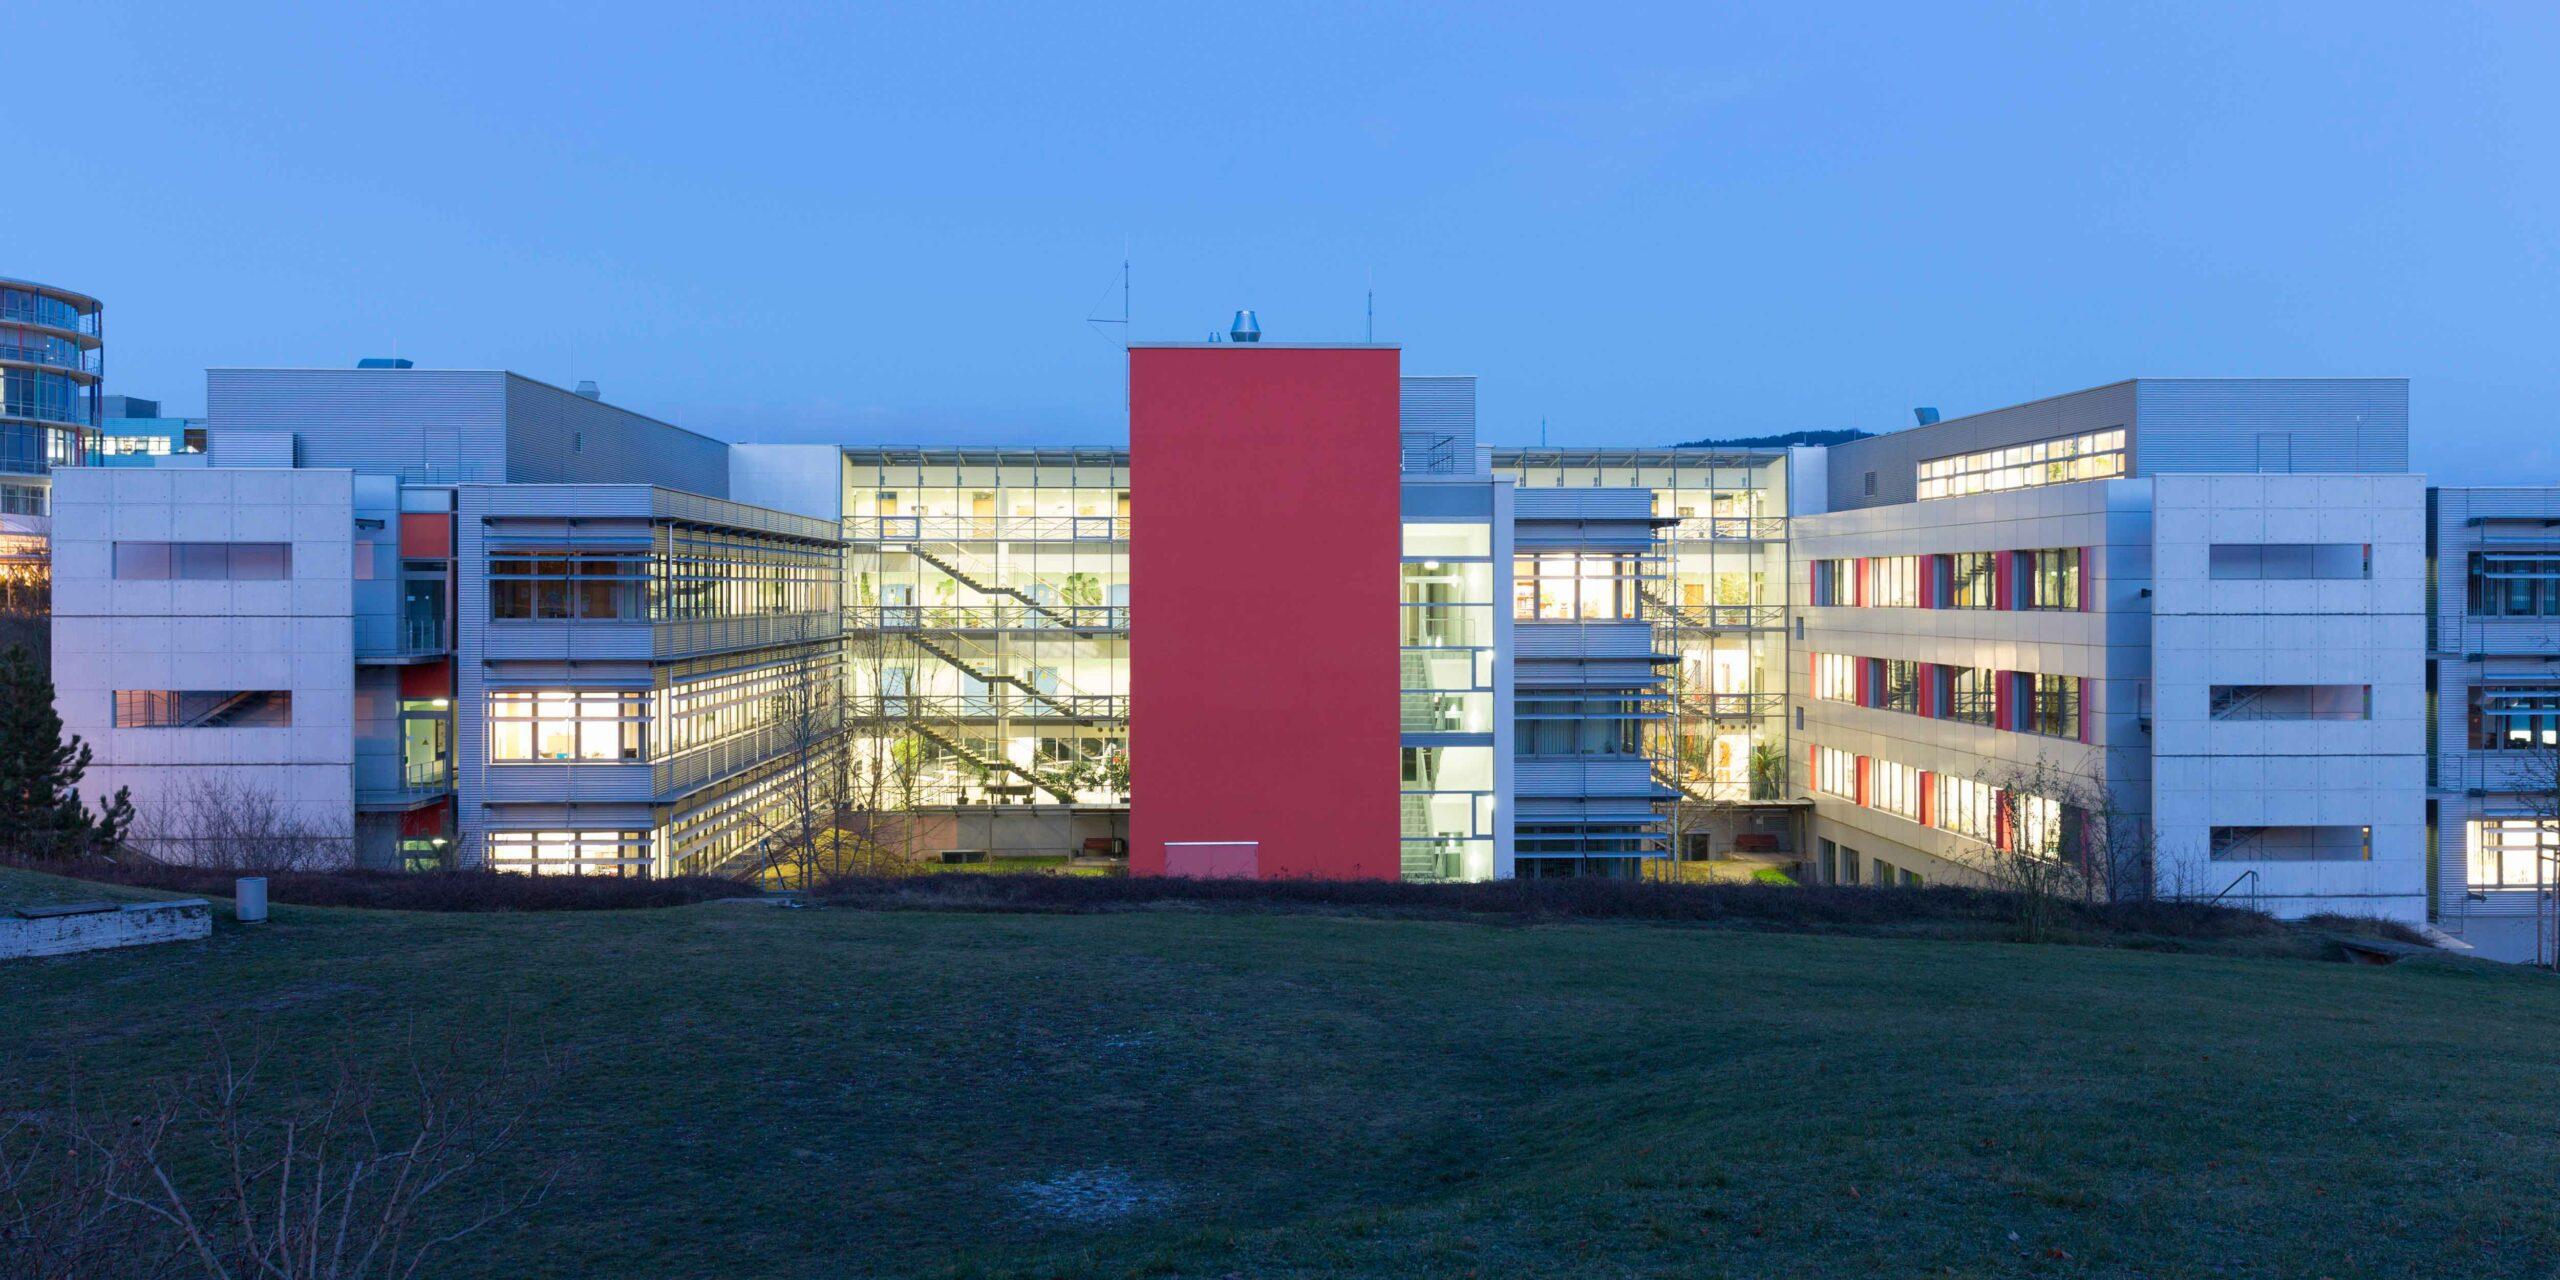 Leibniz-Institut für Photonische Technologien in Jena. Foto: Sven Döring/ Leibniz-IPHT